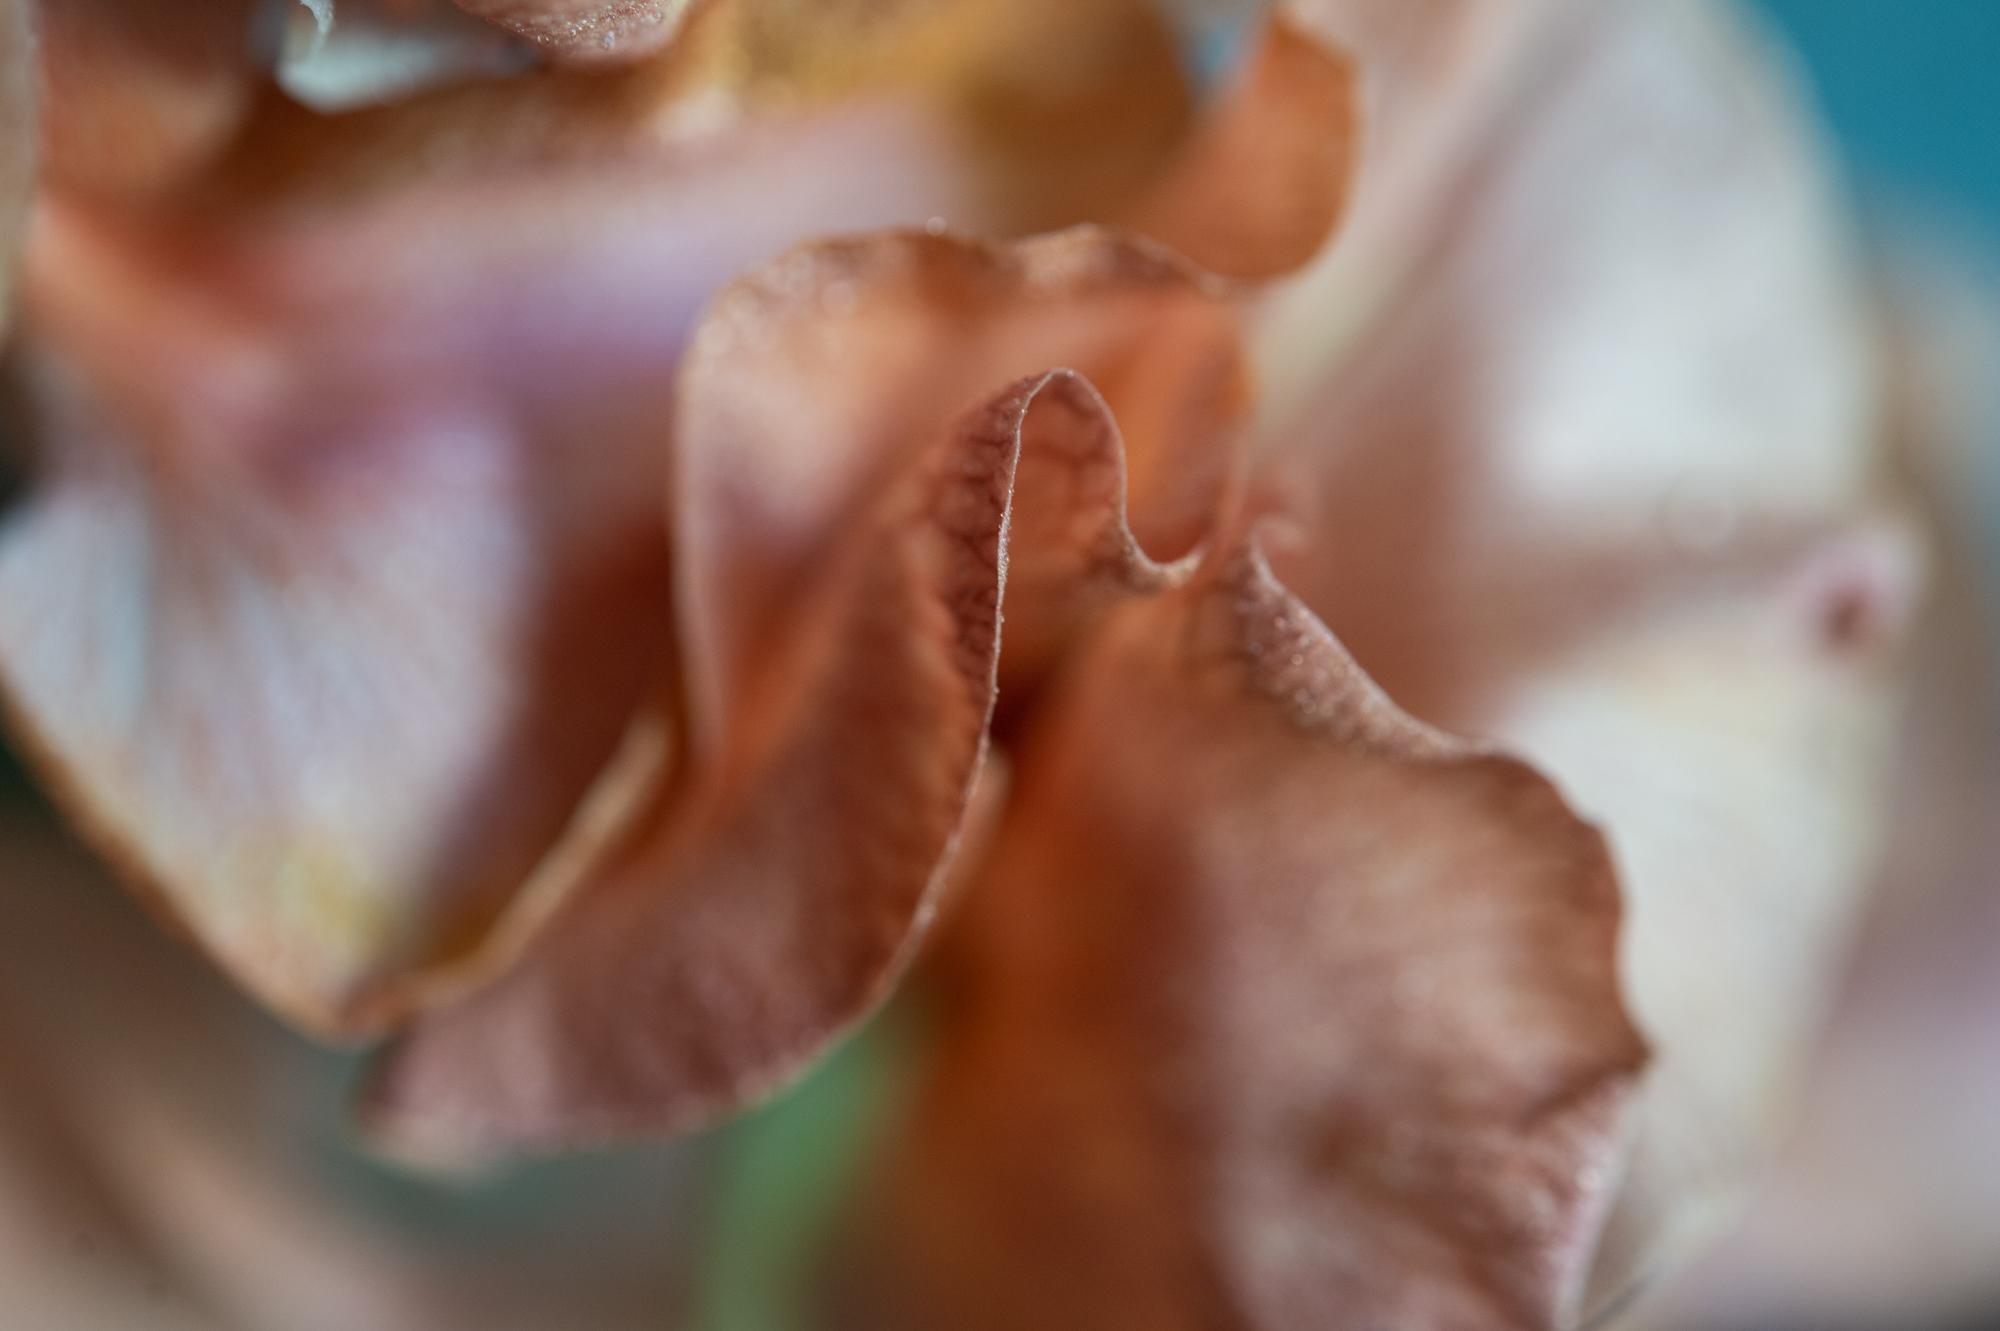 006_flowerpedia_120_flowerpedia1__SP45120.jpg